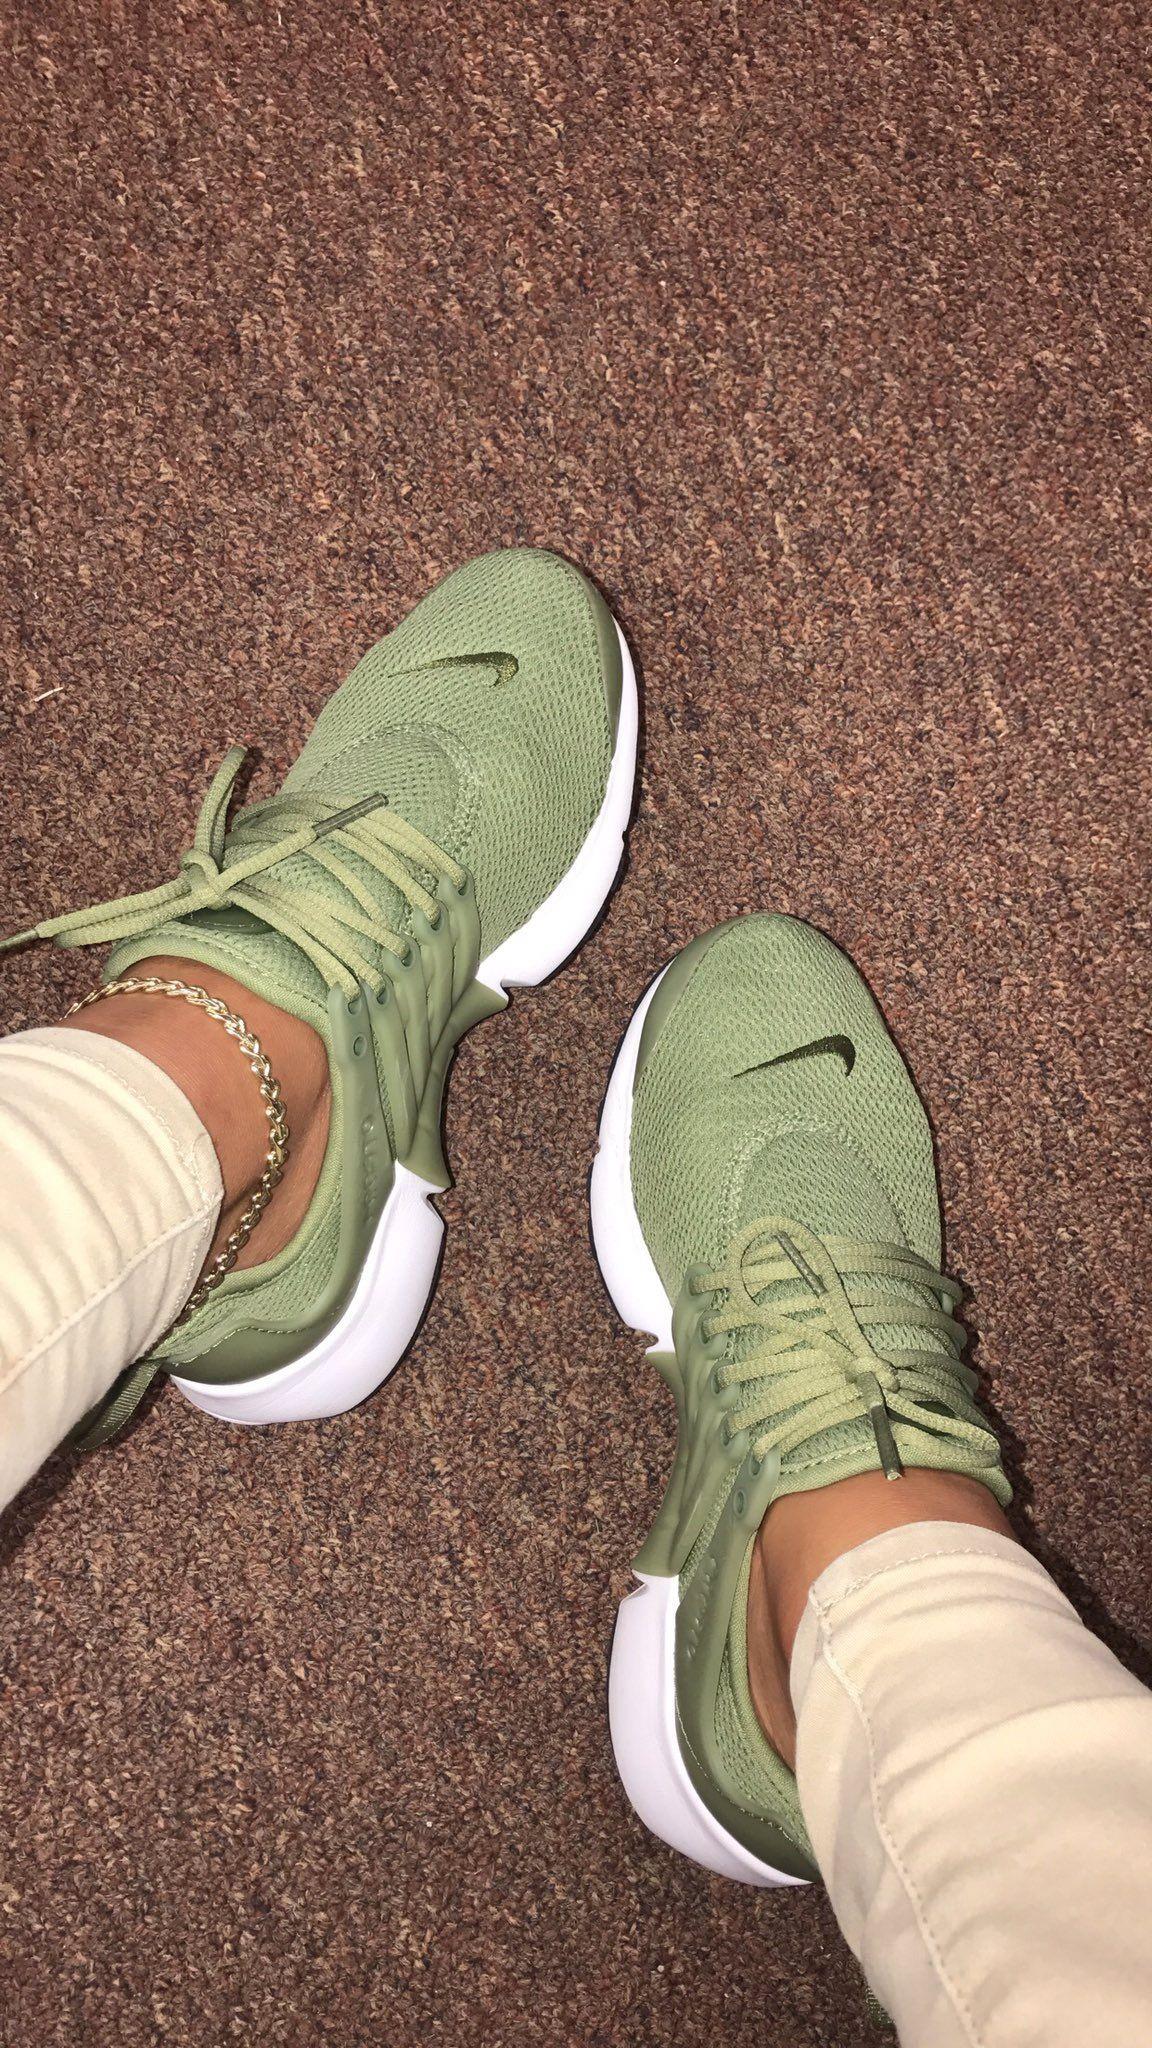 Épinglé sur Shoes shoes shoes! (>^_^<)